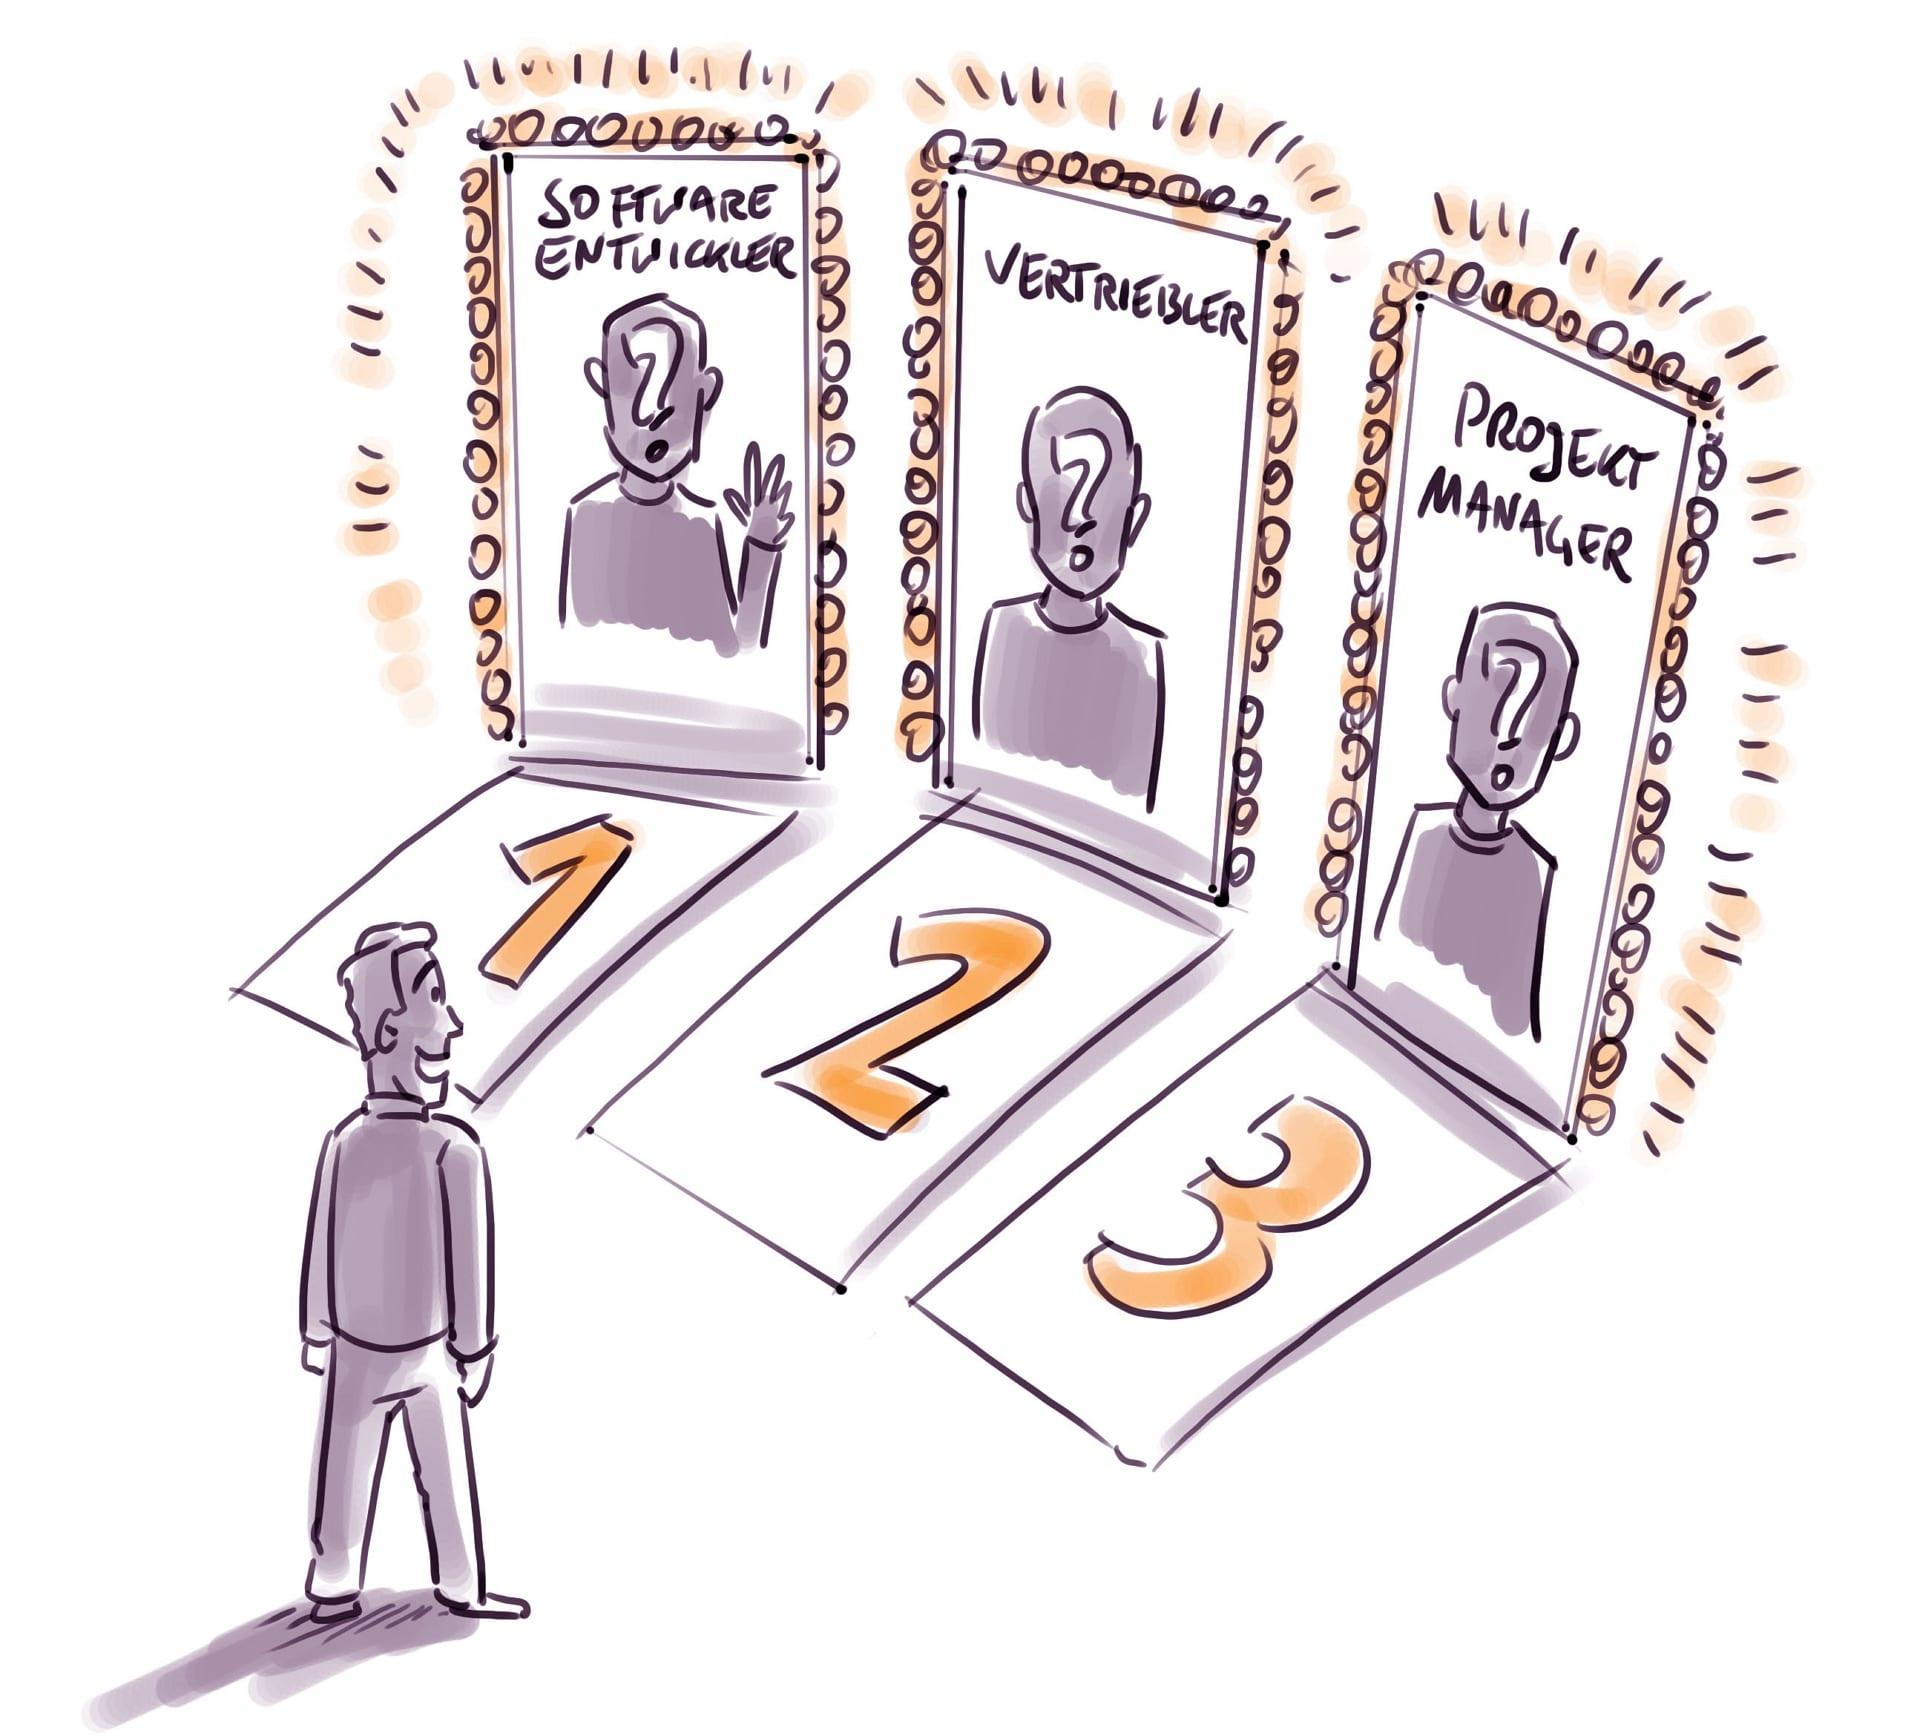 Zielgruppenansprache auf Karriereseiten mit Jobkategorien